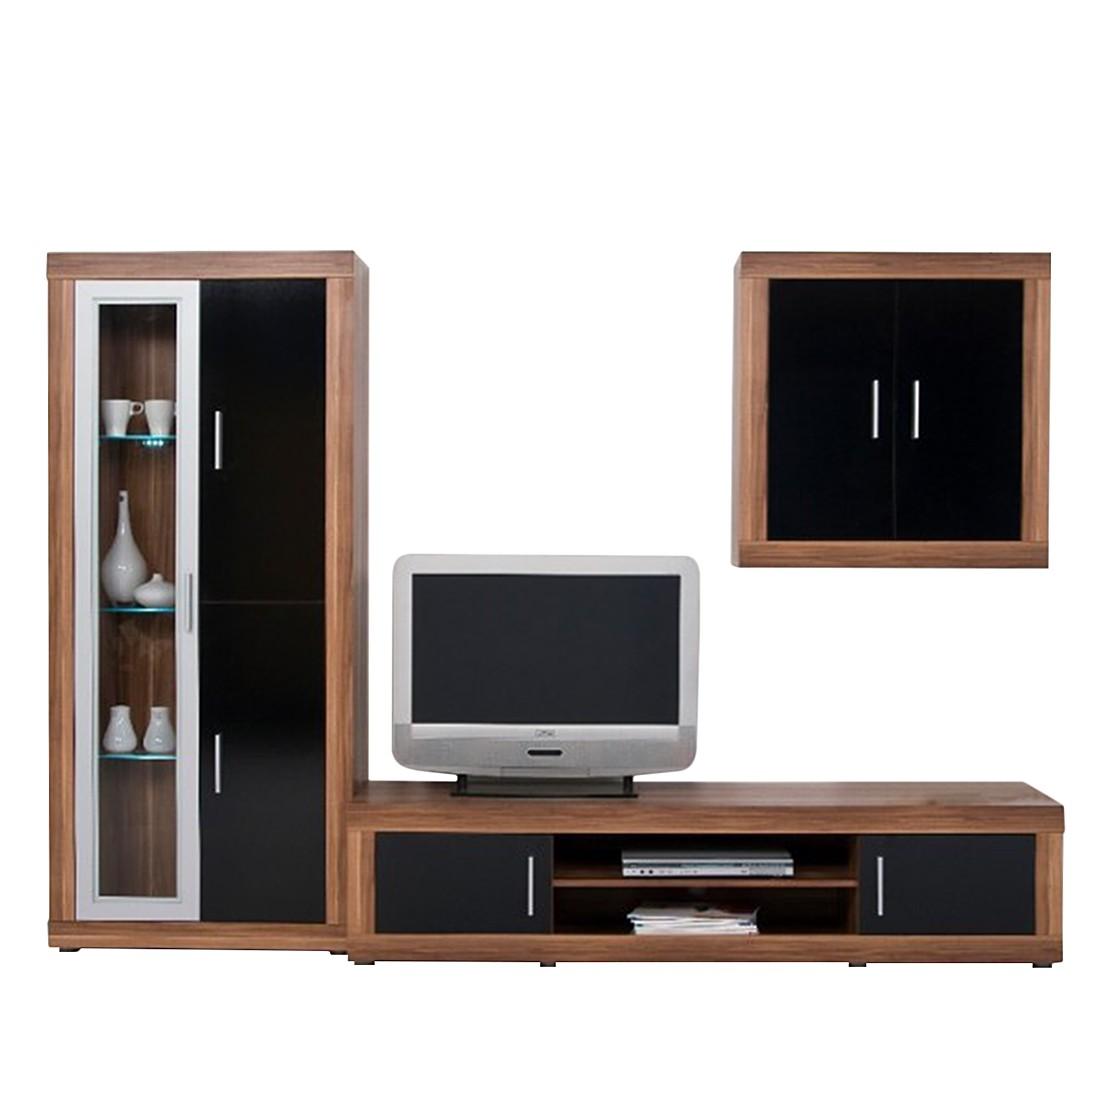 wohnwand leo gro schwarz wei ohne beleuchtung. Black Bedroom Furniture Sets. Home Design Ideas